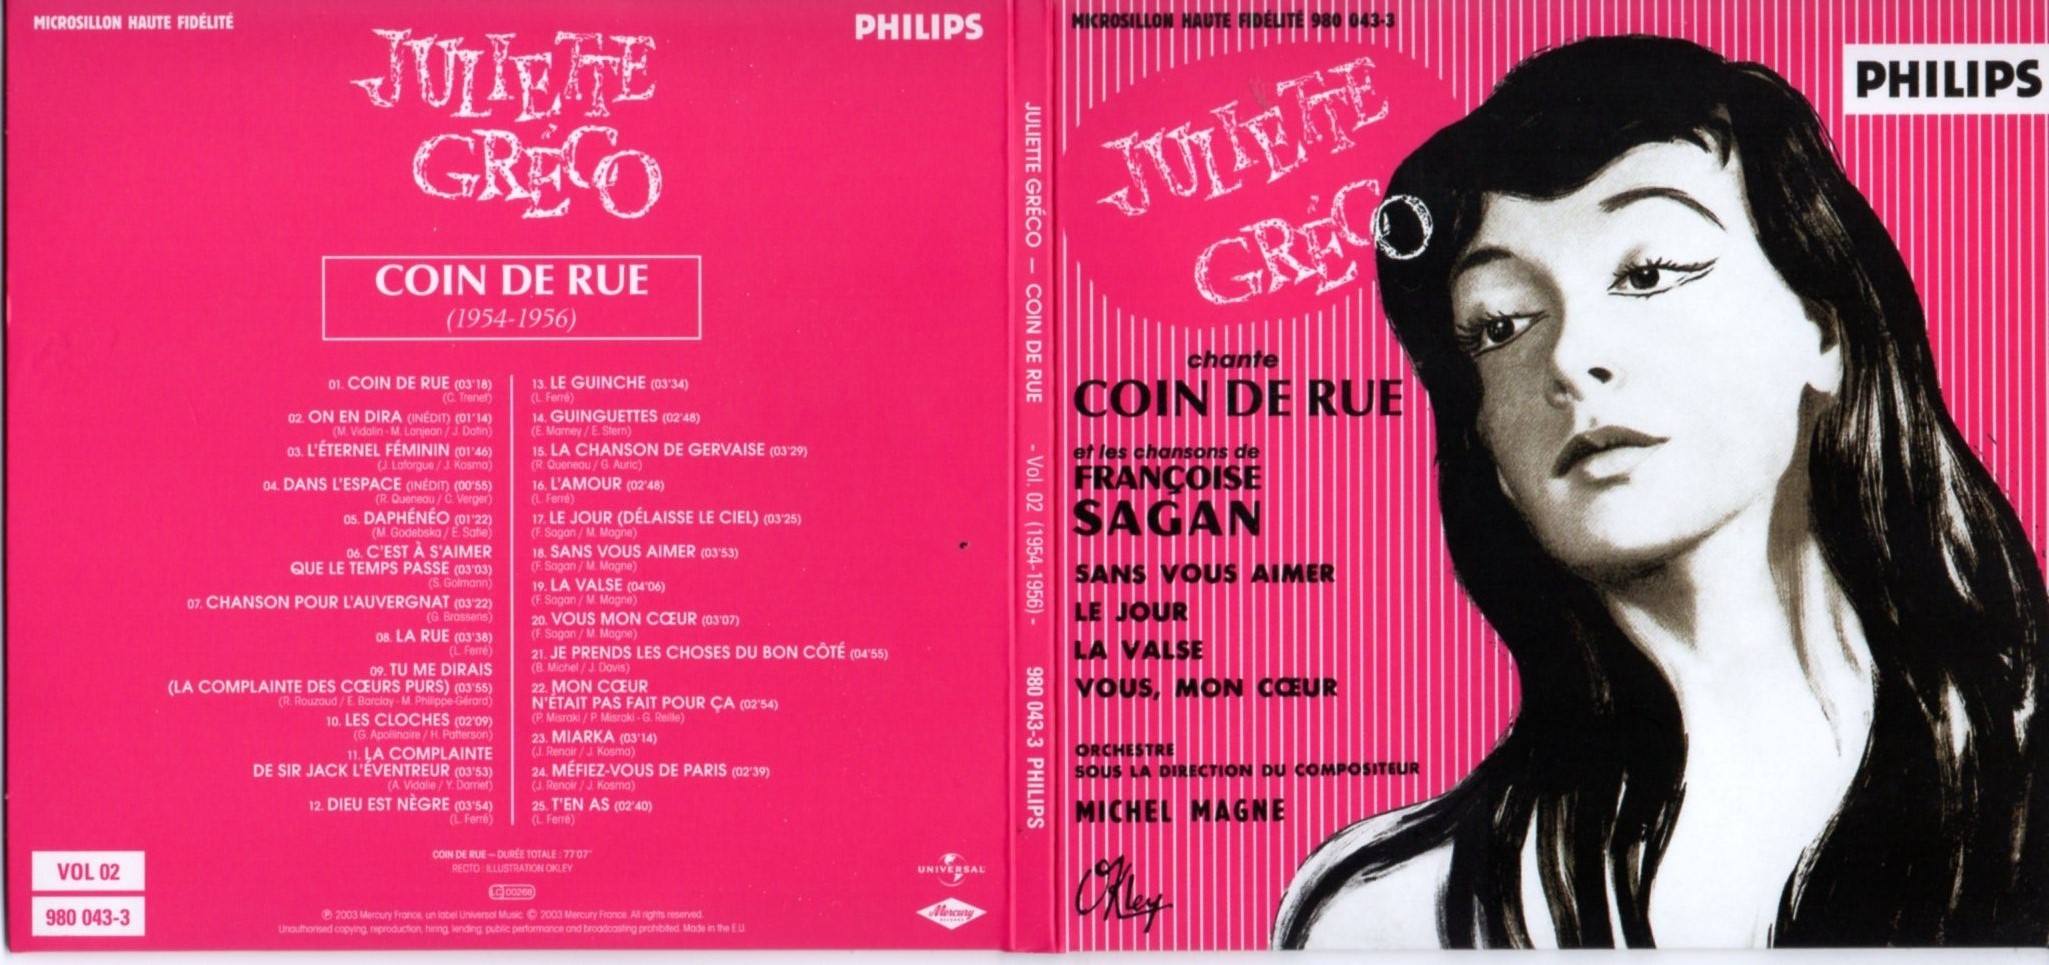 JULIETTE GRÉCO - Coin de rue (1954-1956) Gatefold Card board sleeve - CD